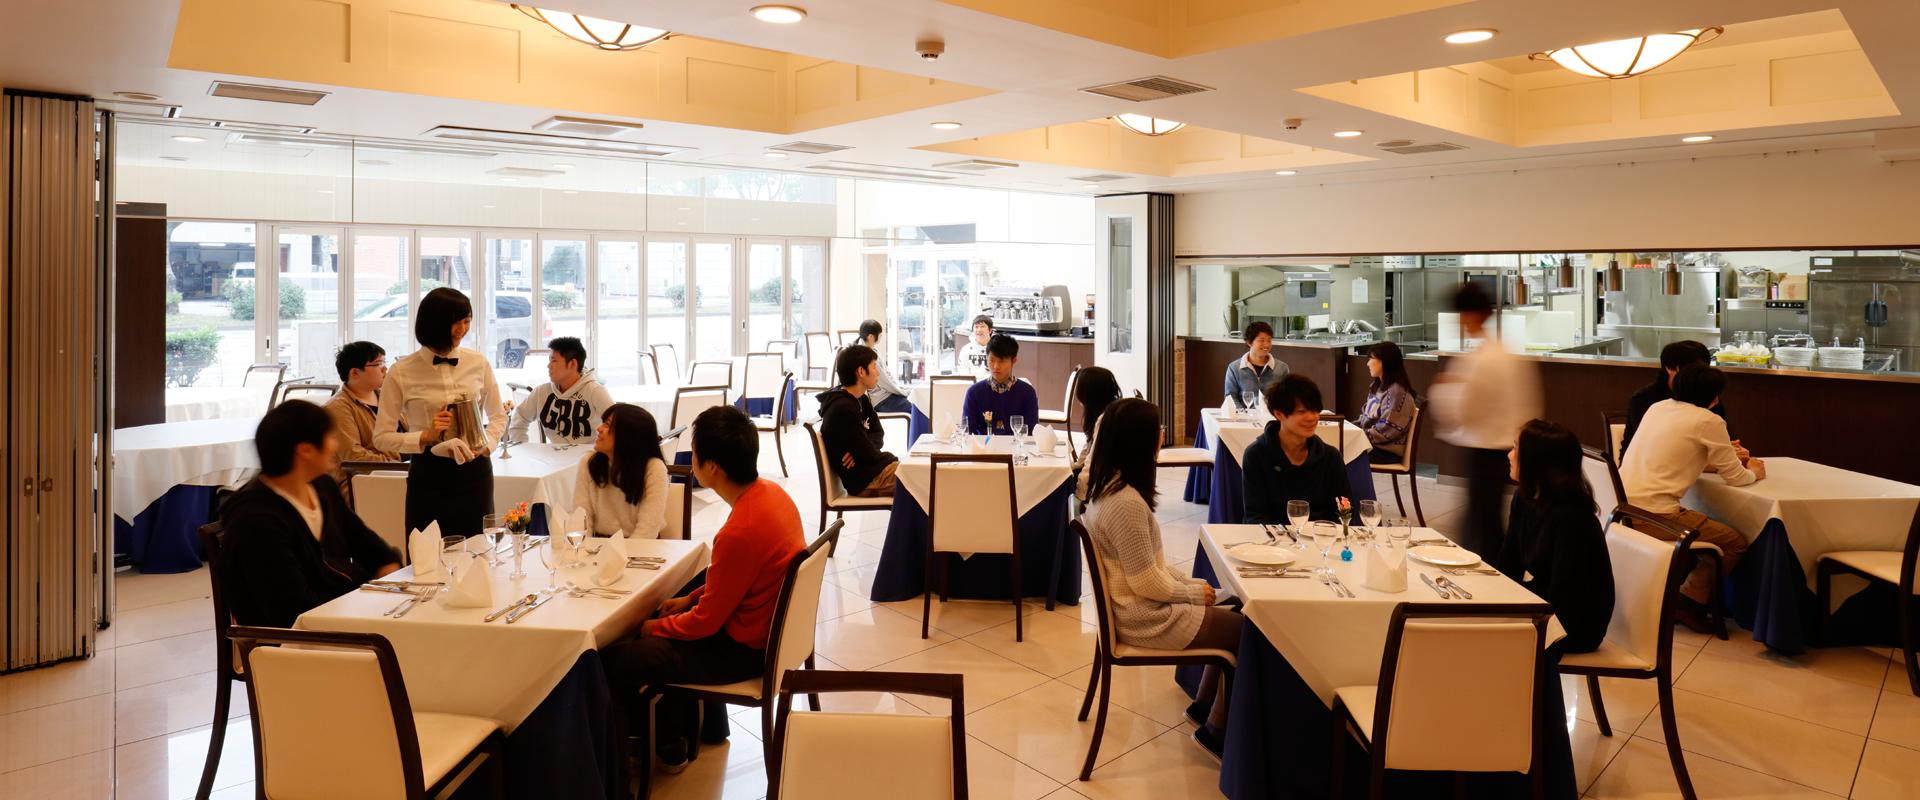 学内レストラン「ラ・メール」での本番さながらの学び